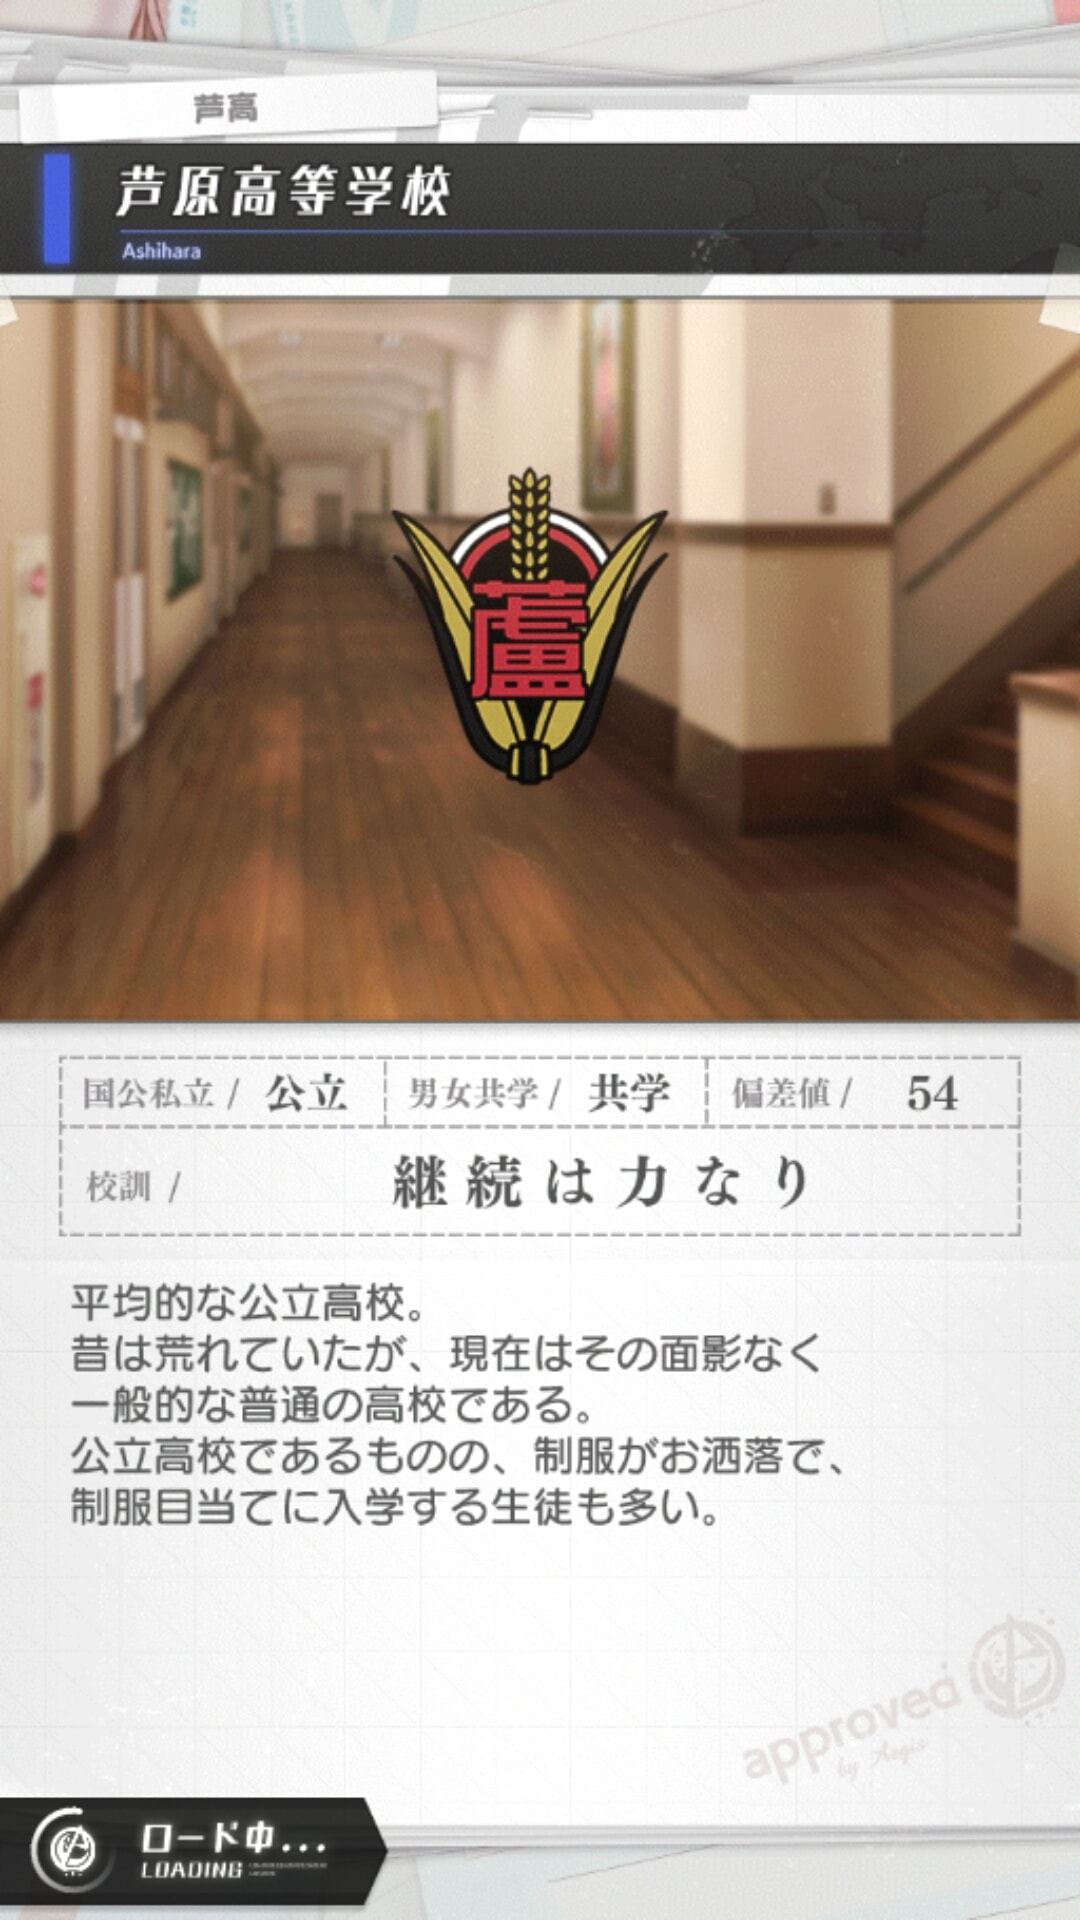 芦原高等学校.jpg